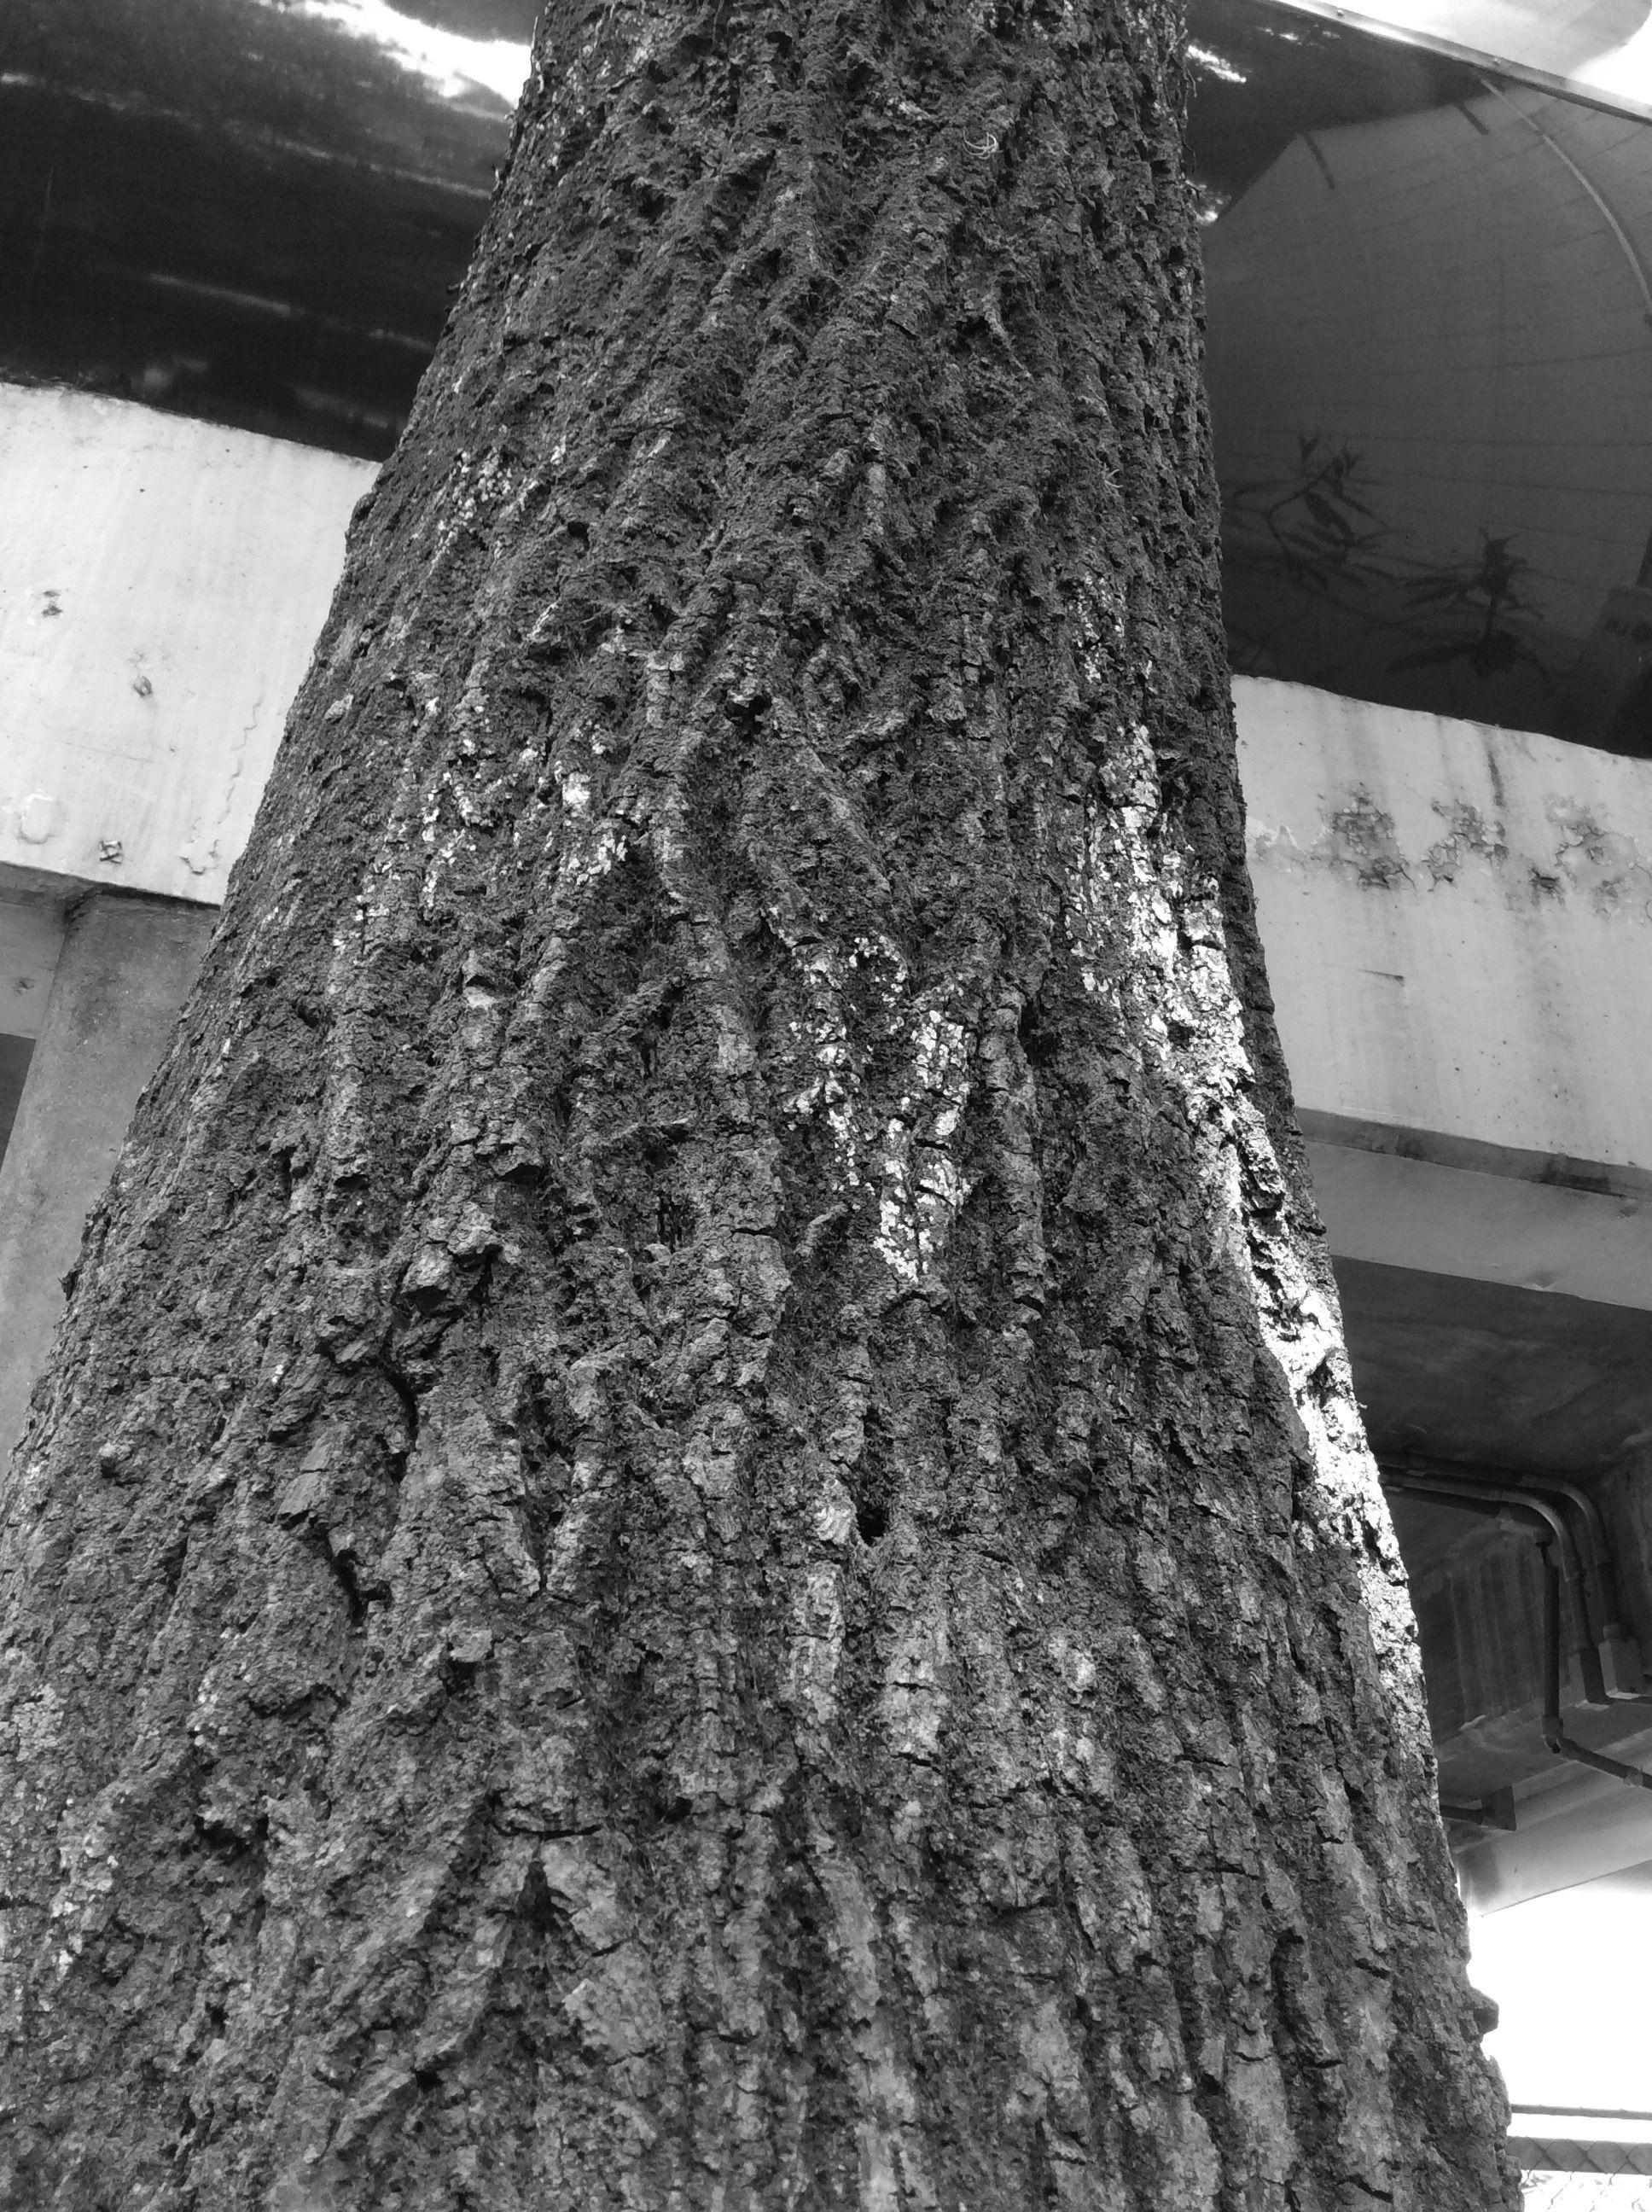 Coisa velha Eu escolhi entre as minhas outras fotos esta ,pois o angulo nessa imagem esta muito bem definido fazendo parcer com que a arvore se prolongasse e ficasse maior, essa imagem também tem uma coloração interessante com o verde do musgo nela, o marrom no tronco, a iluminação do sol sob ela entre outras coisa. Dante